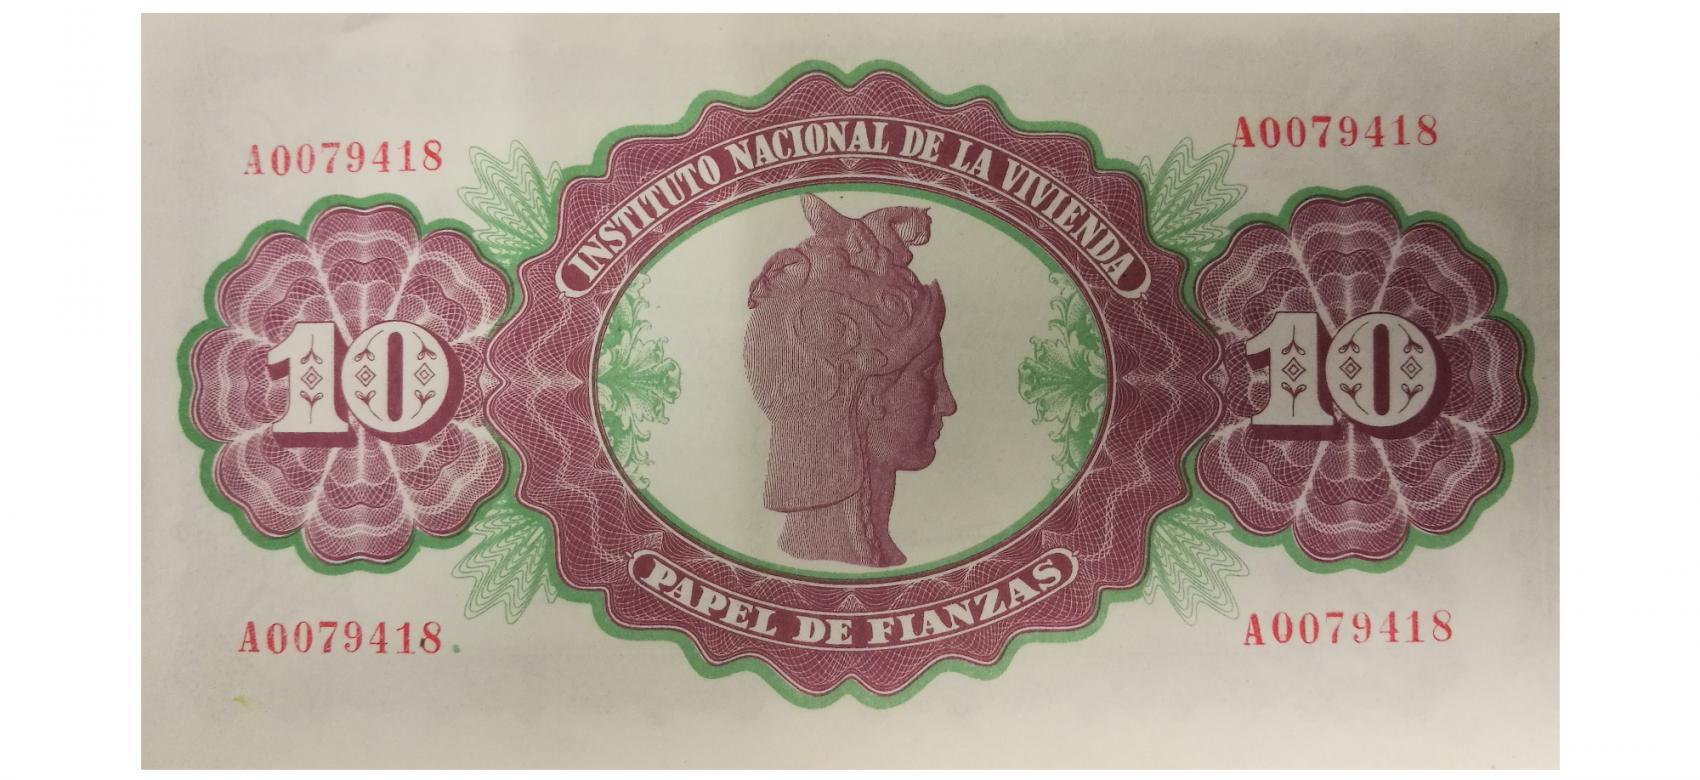 Papel de Fianzas del Estado de 10 pesetas emitidos en 1940